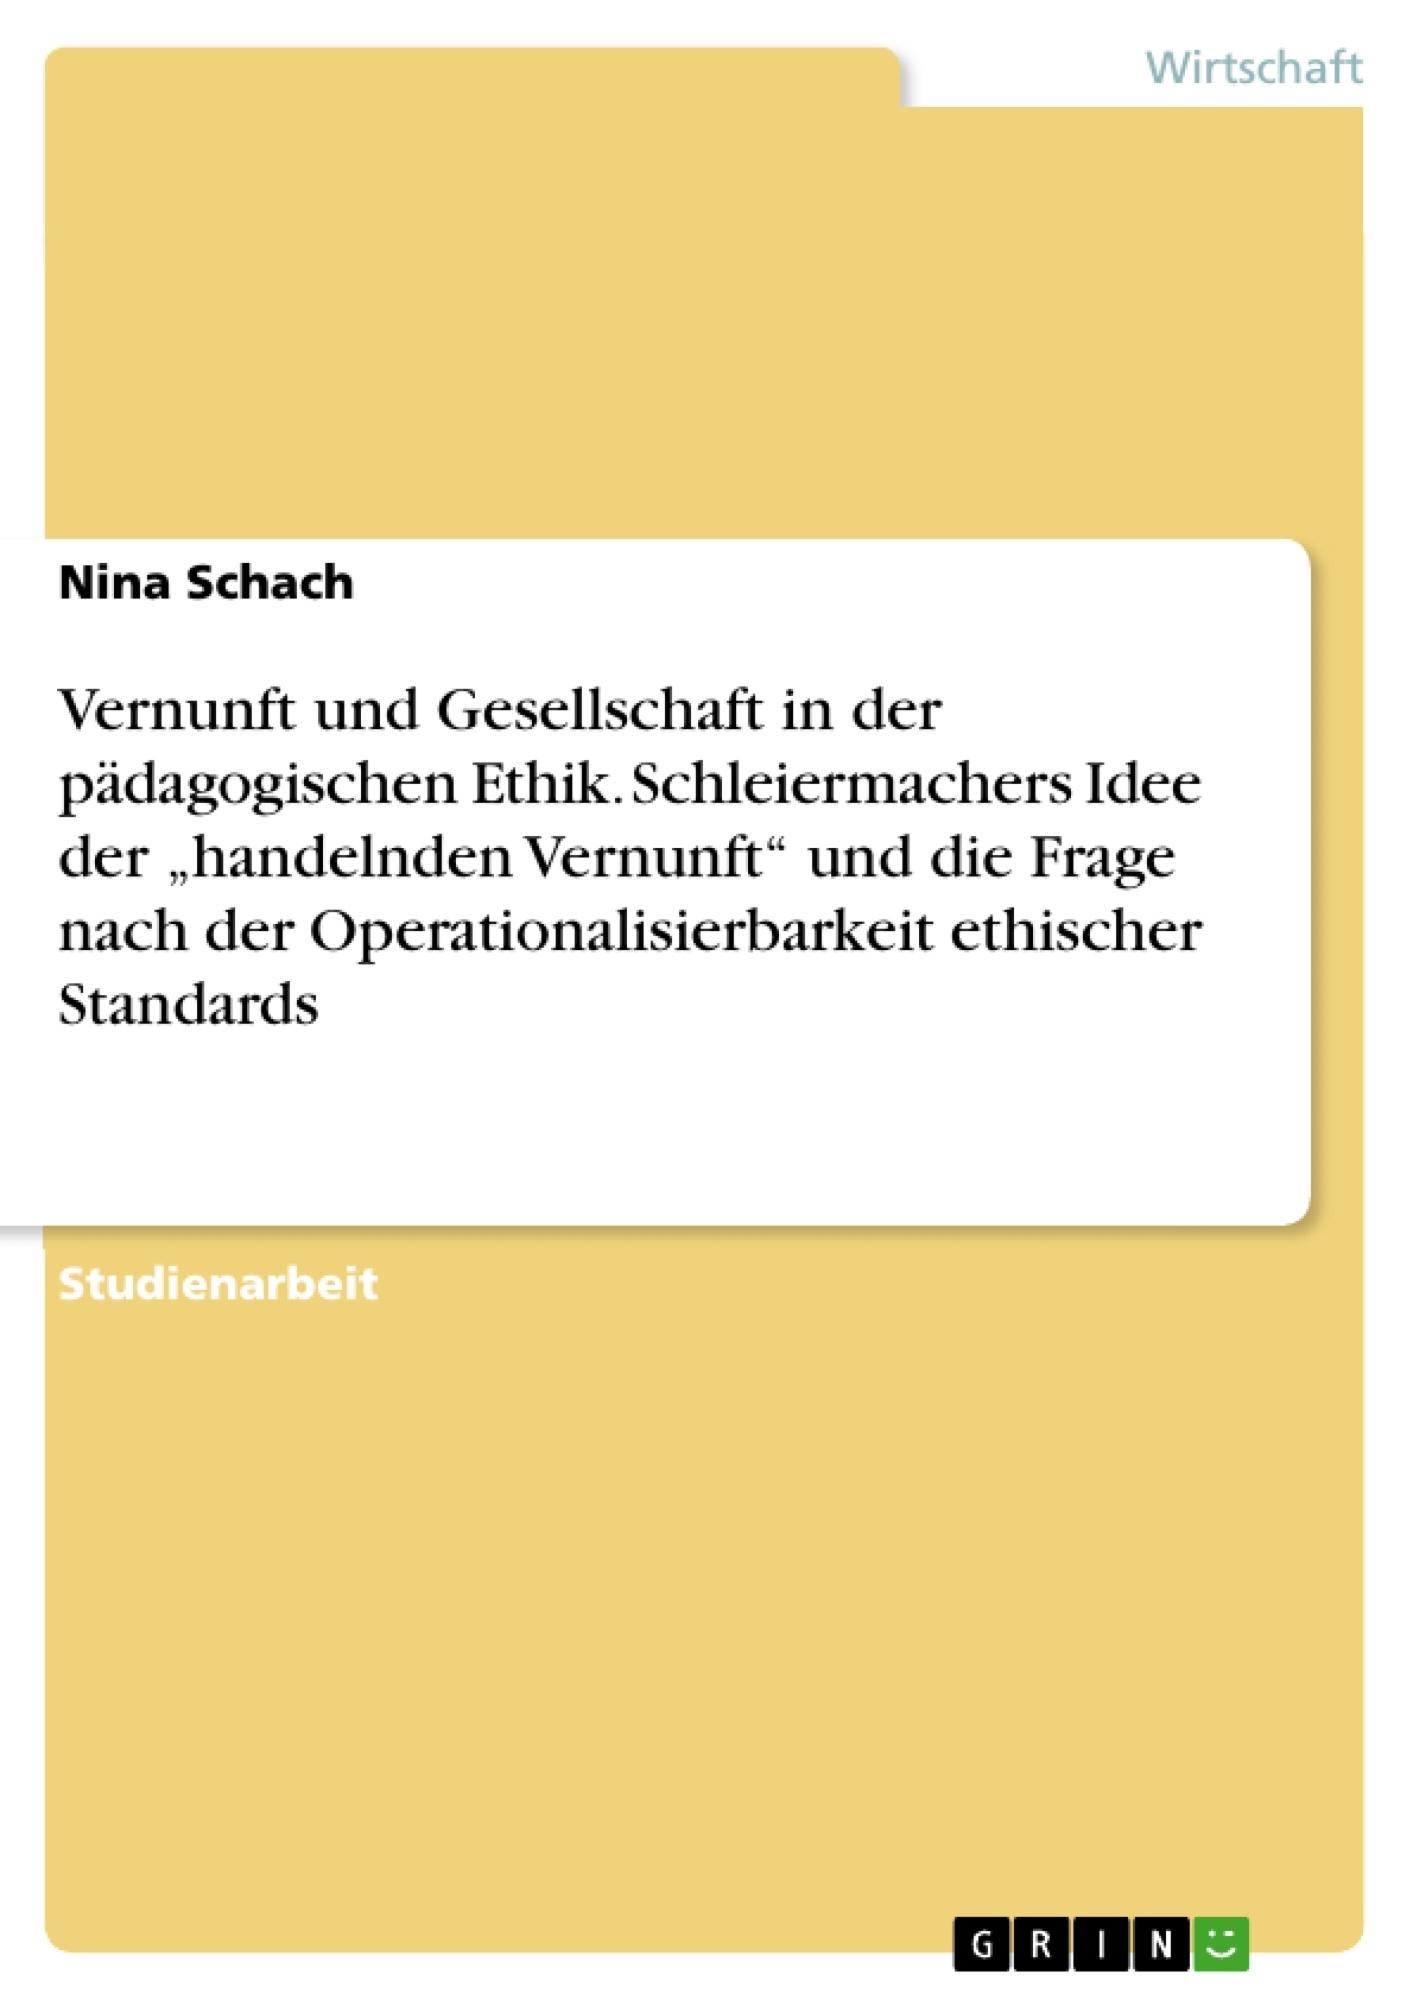 """Titel: Vernunft und Gesellschaft in der pädagogischen Ethik. Schleiermachers Idee der """"handelnden Vernunft"""" und die Frage nach der Operationalisierbarkeit ethischer Standards"""